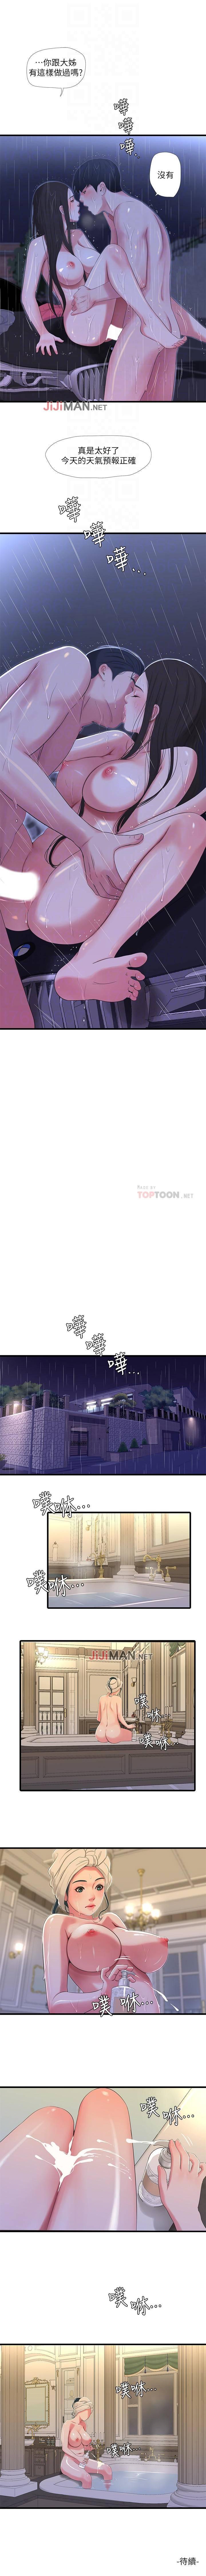 【周四连载】亲家四姐妹(作者:愛摸) 第1~31话 141